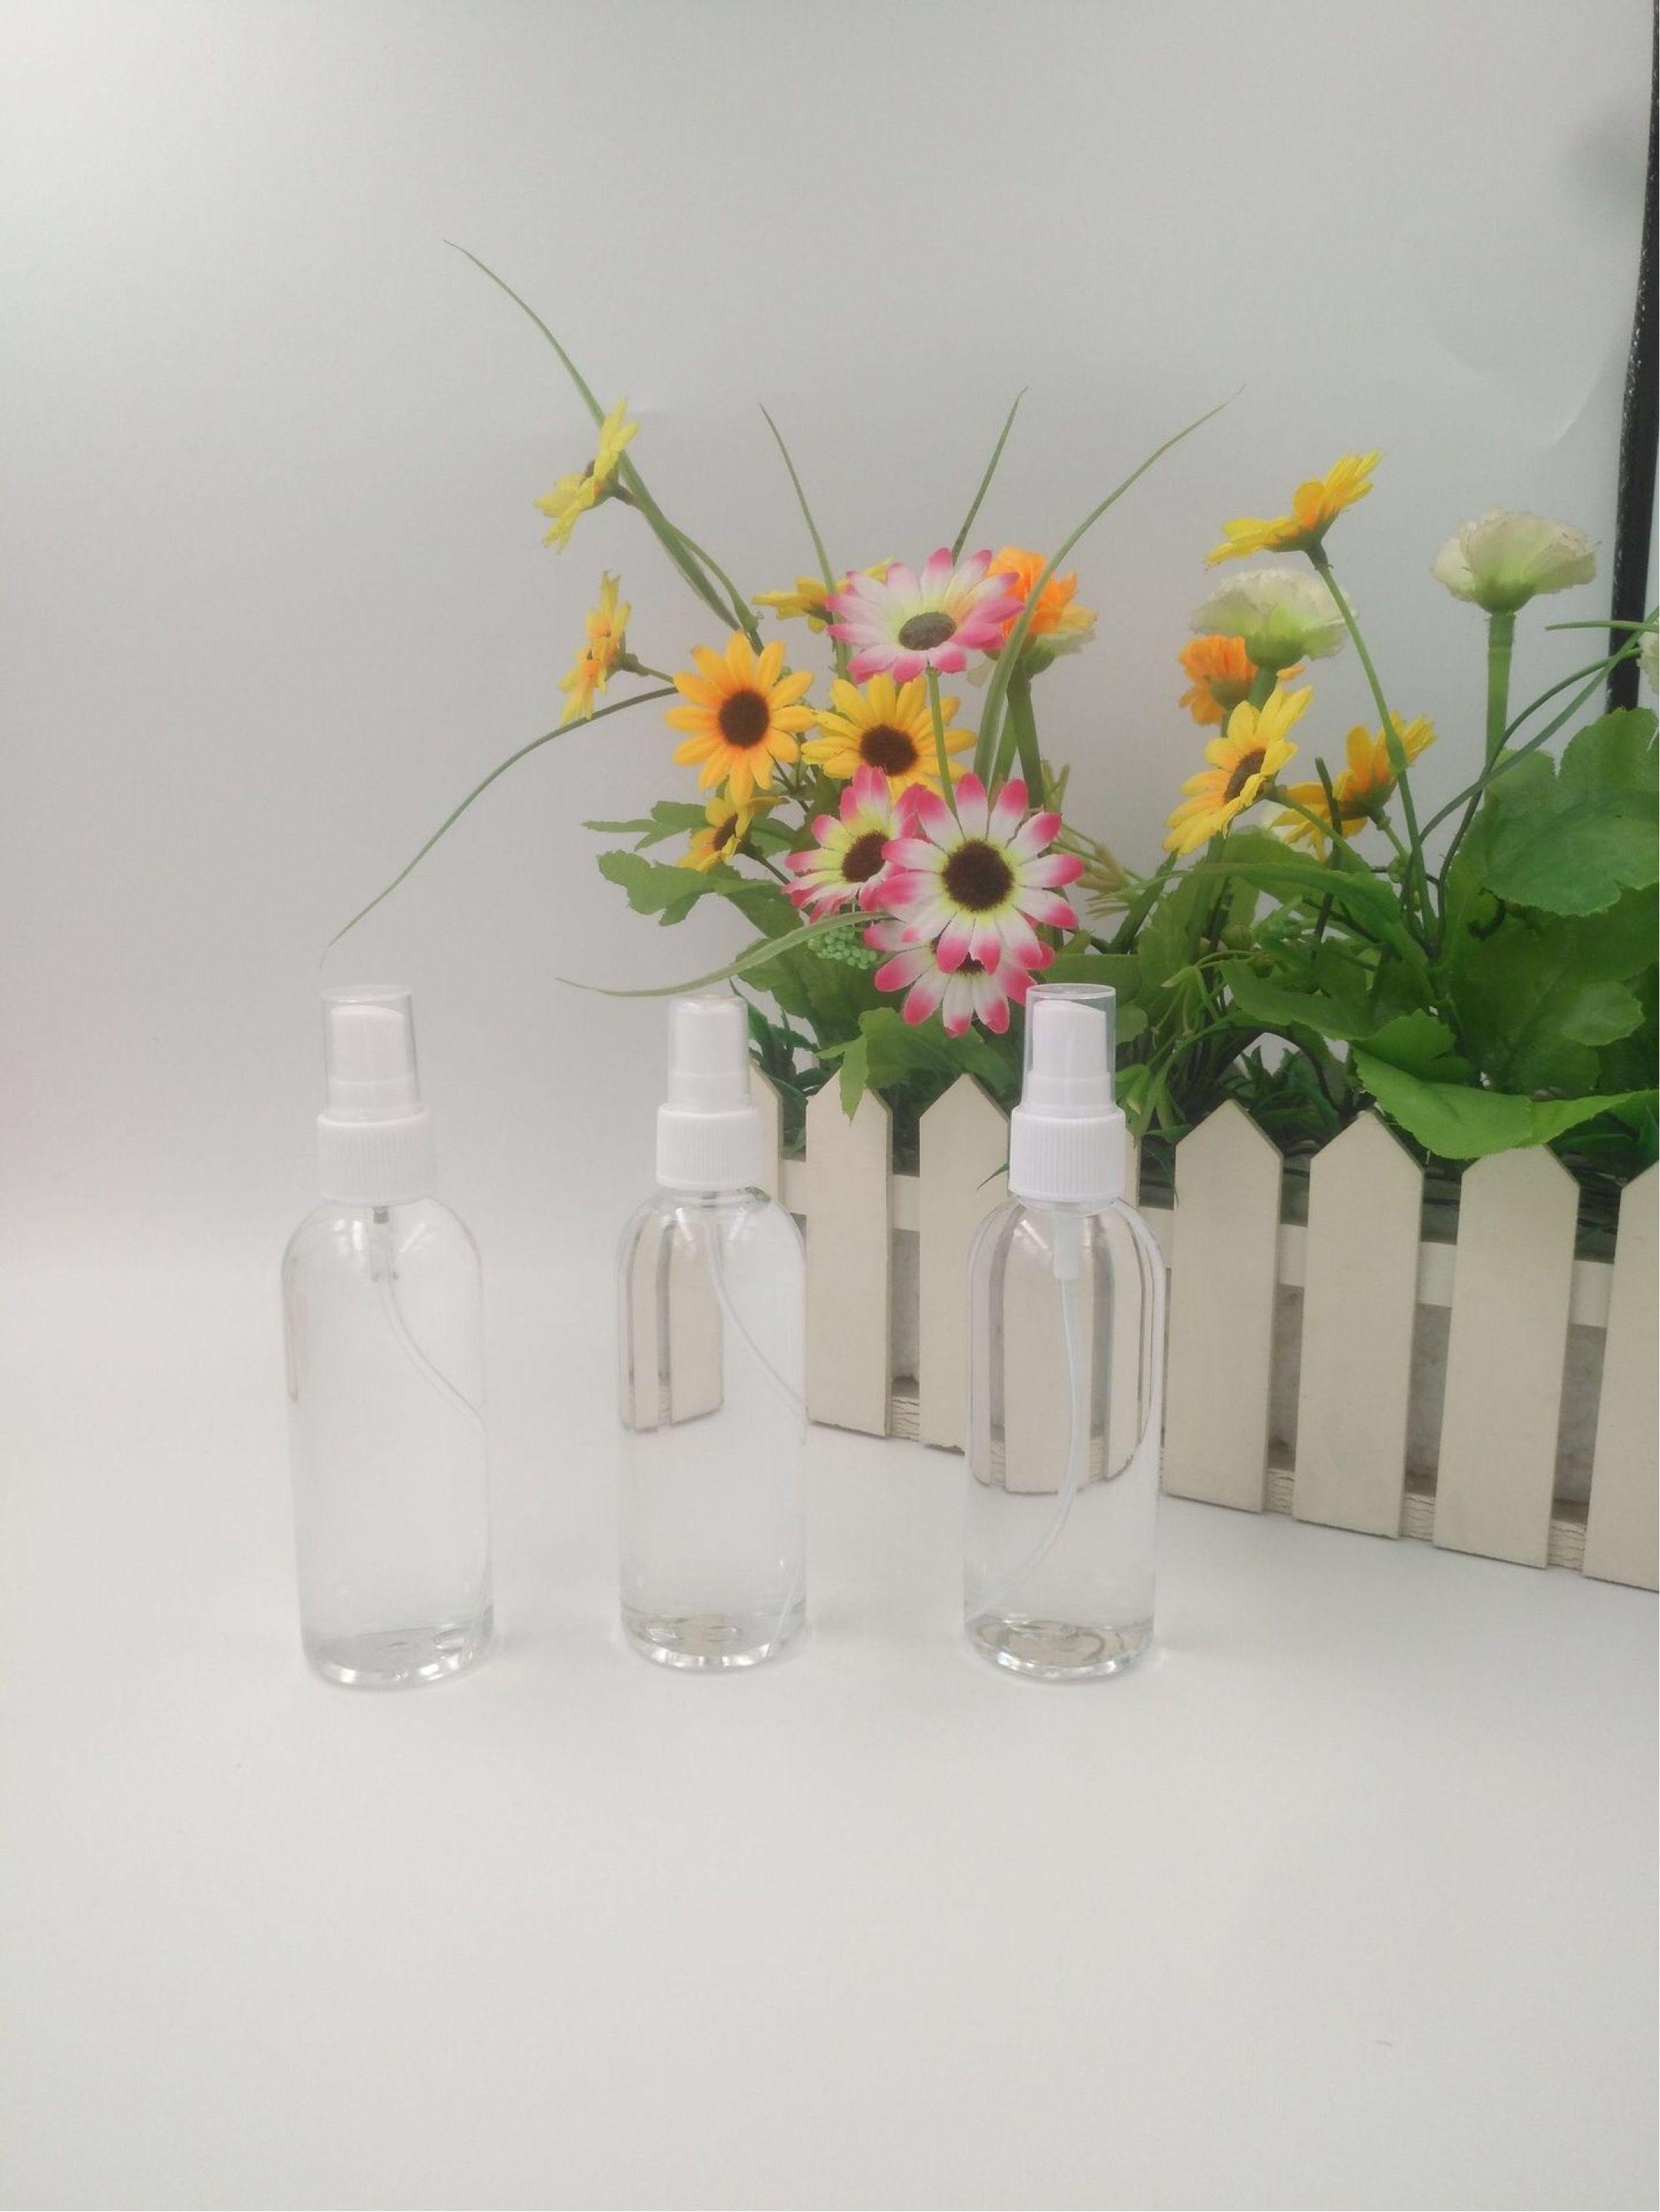 100мл Раскладные Дезинфицирующие Spray бутылки спорта на открытом воздухе бутылки с водой Пластиковые прозрачные круглые Чашки путешествия Портативный Пустая рука дезинфицирующее бутылки